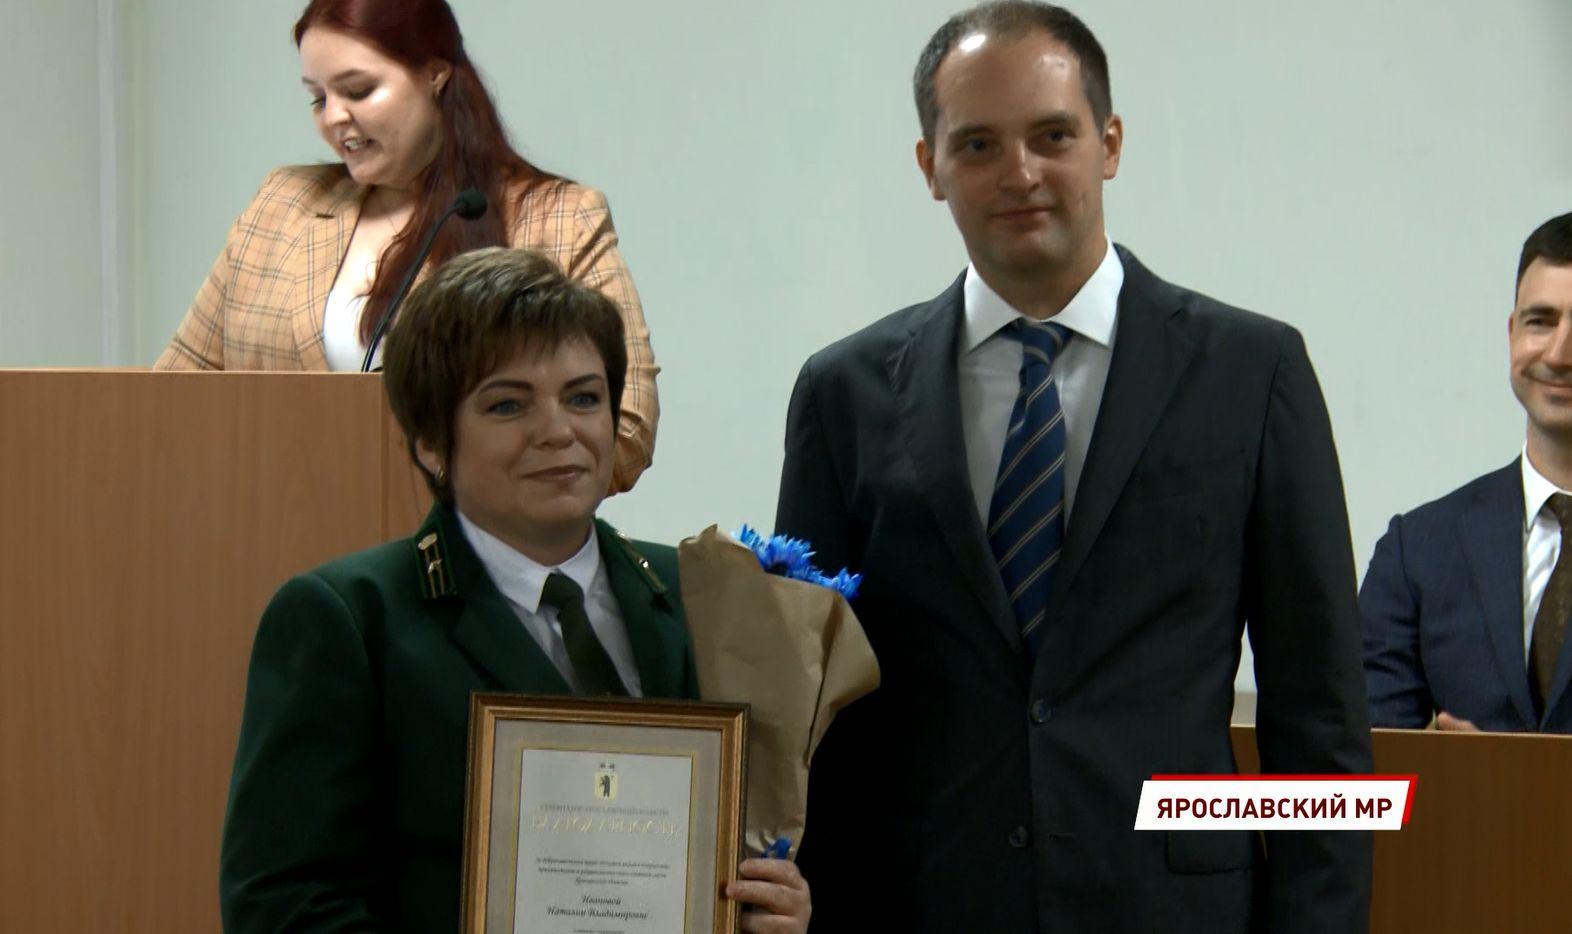 В преддверии Дня лесного хозяйства в Ярославле наградили лучших специалистов отрасли